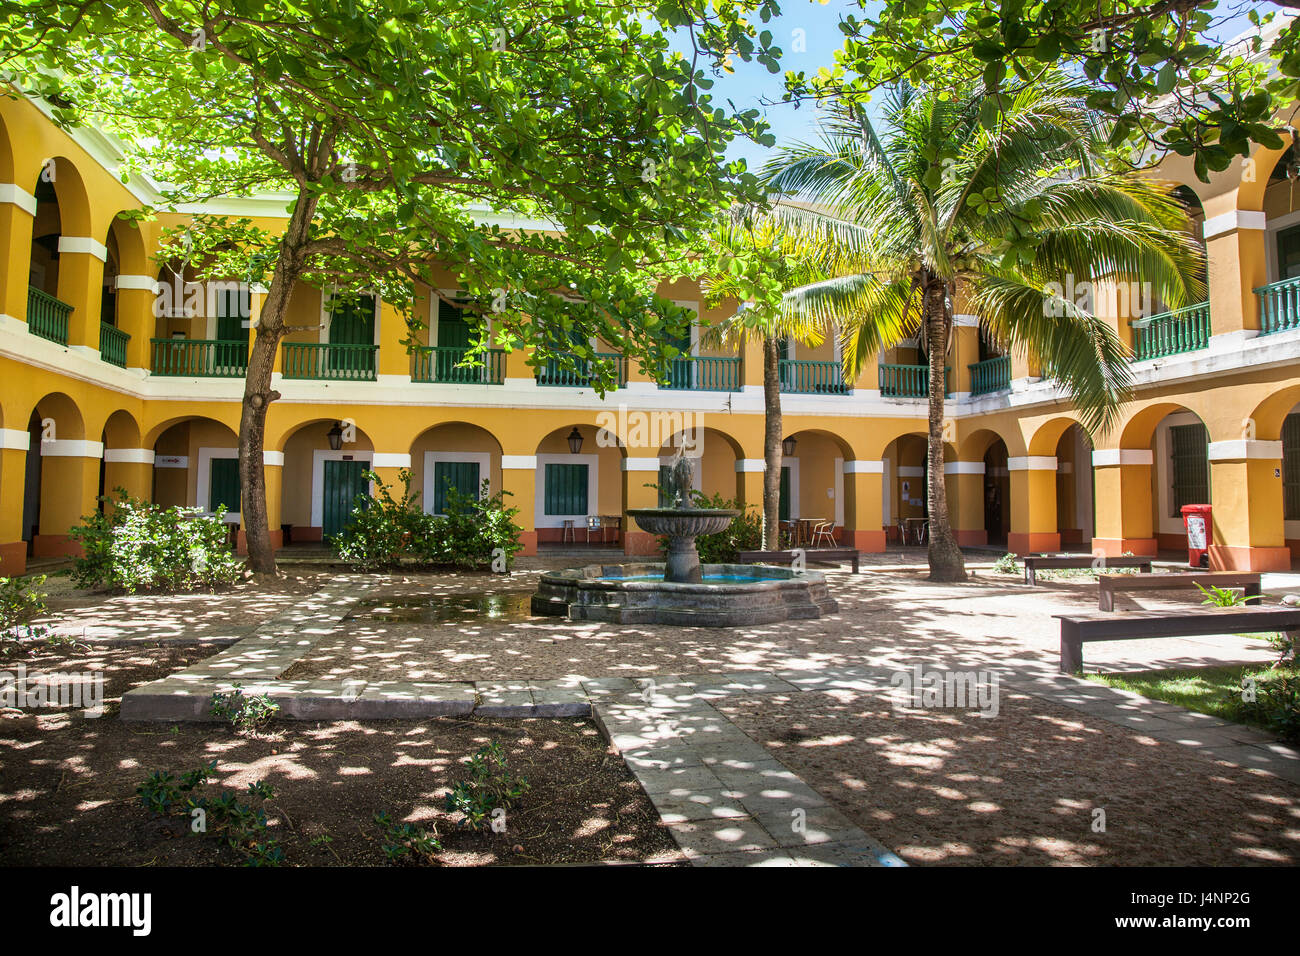 Patio en el Viejo San Juan de Puerto Rico Imagen De Stock